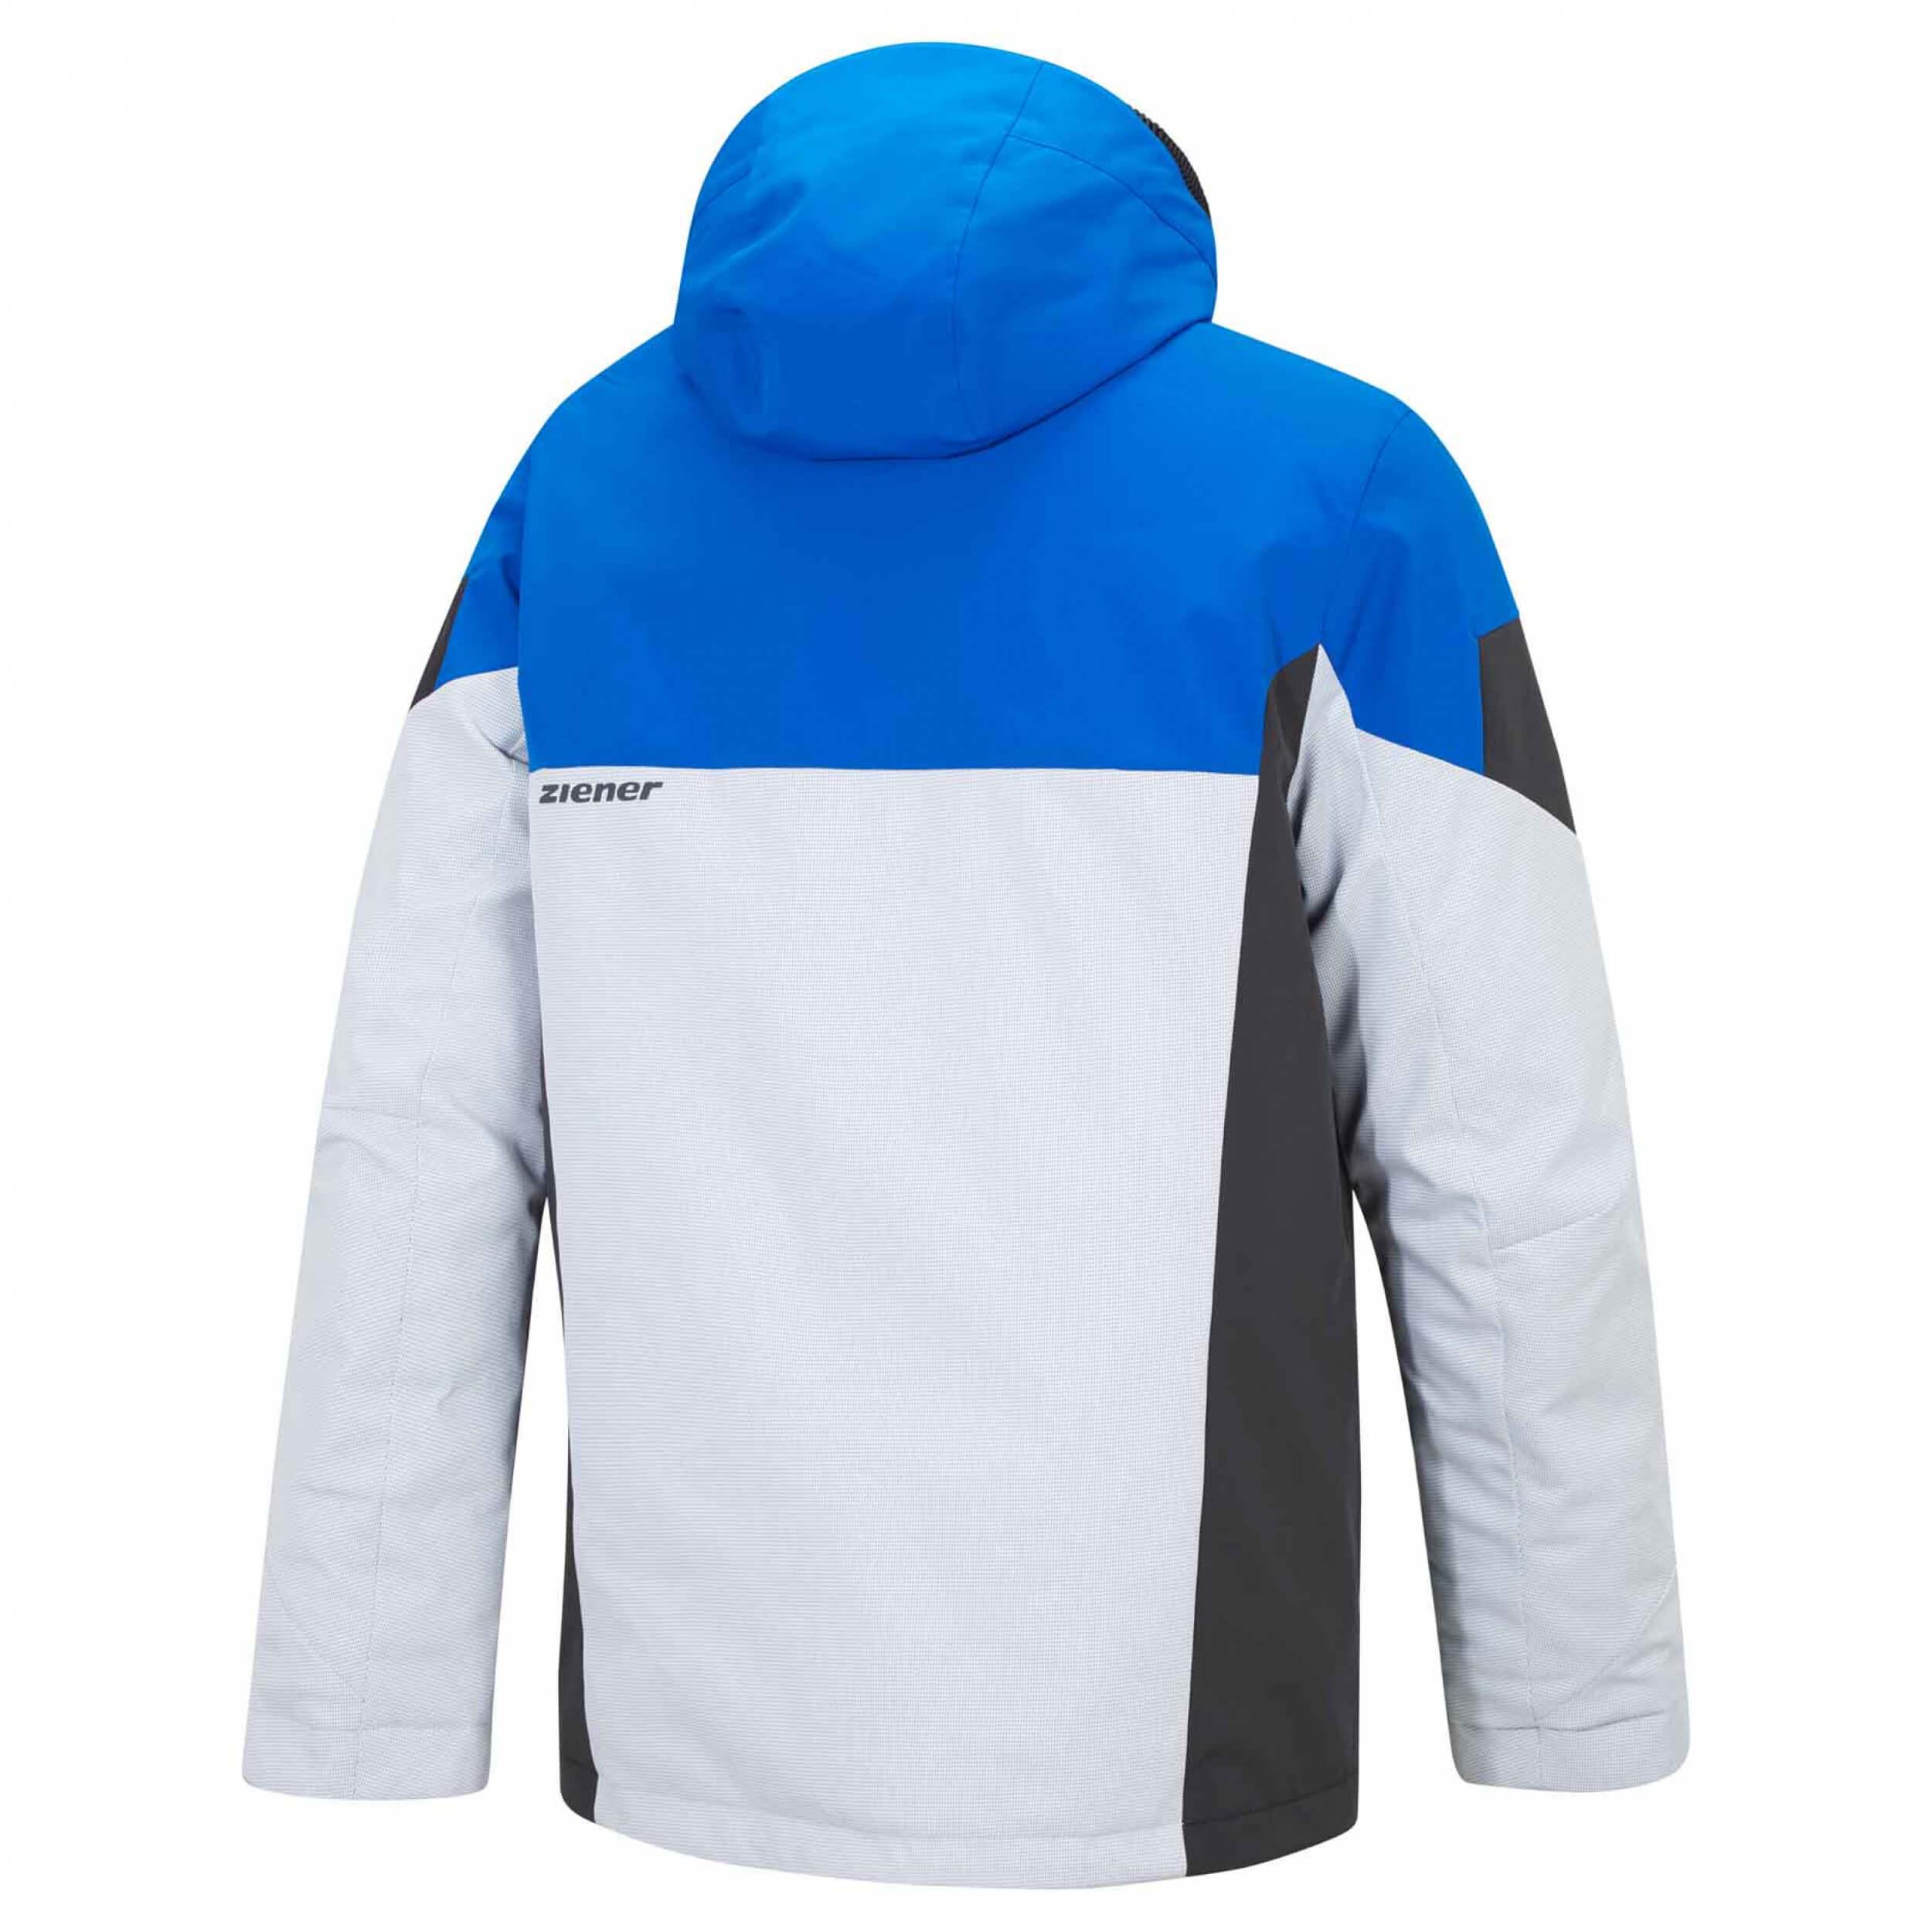 ZIENER Herren Skijacke Toccoa AQUA SHIELD blau grau 576126